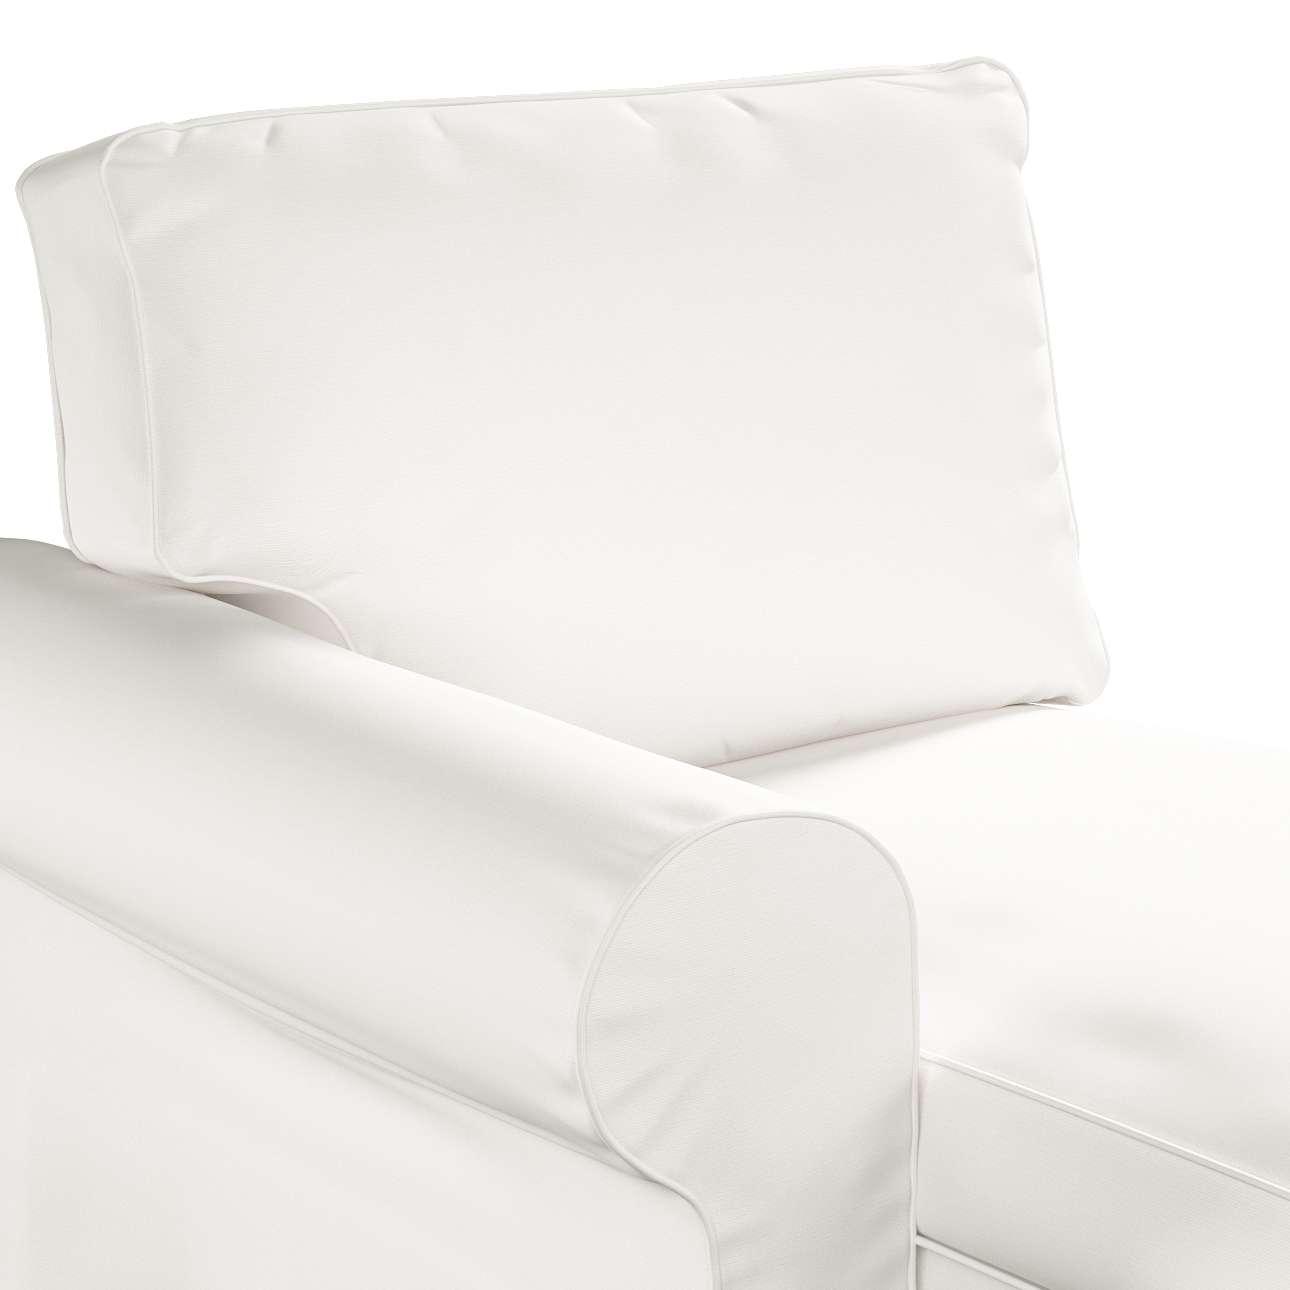 Pokrowiec na szezlong Ektorp lewy w kolekcji Cotton Panama, tkanina: 702-34